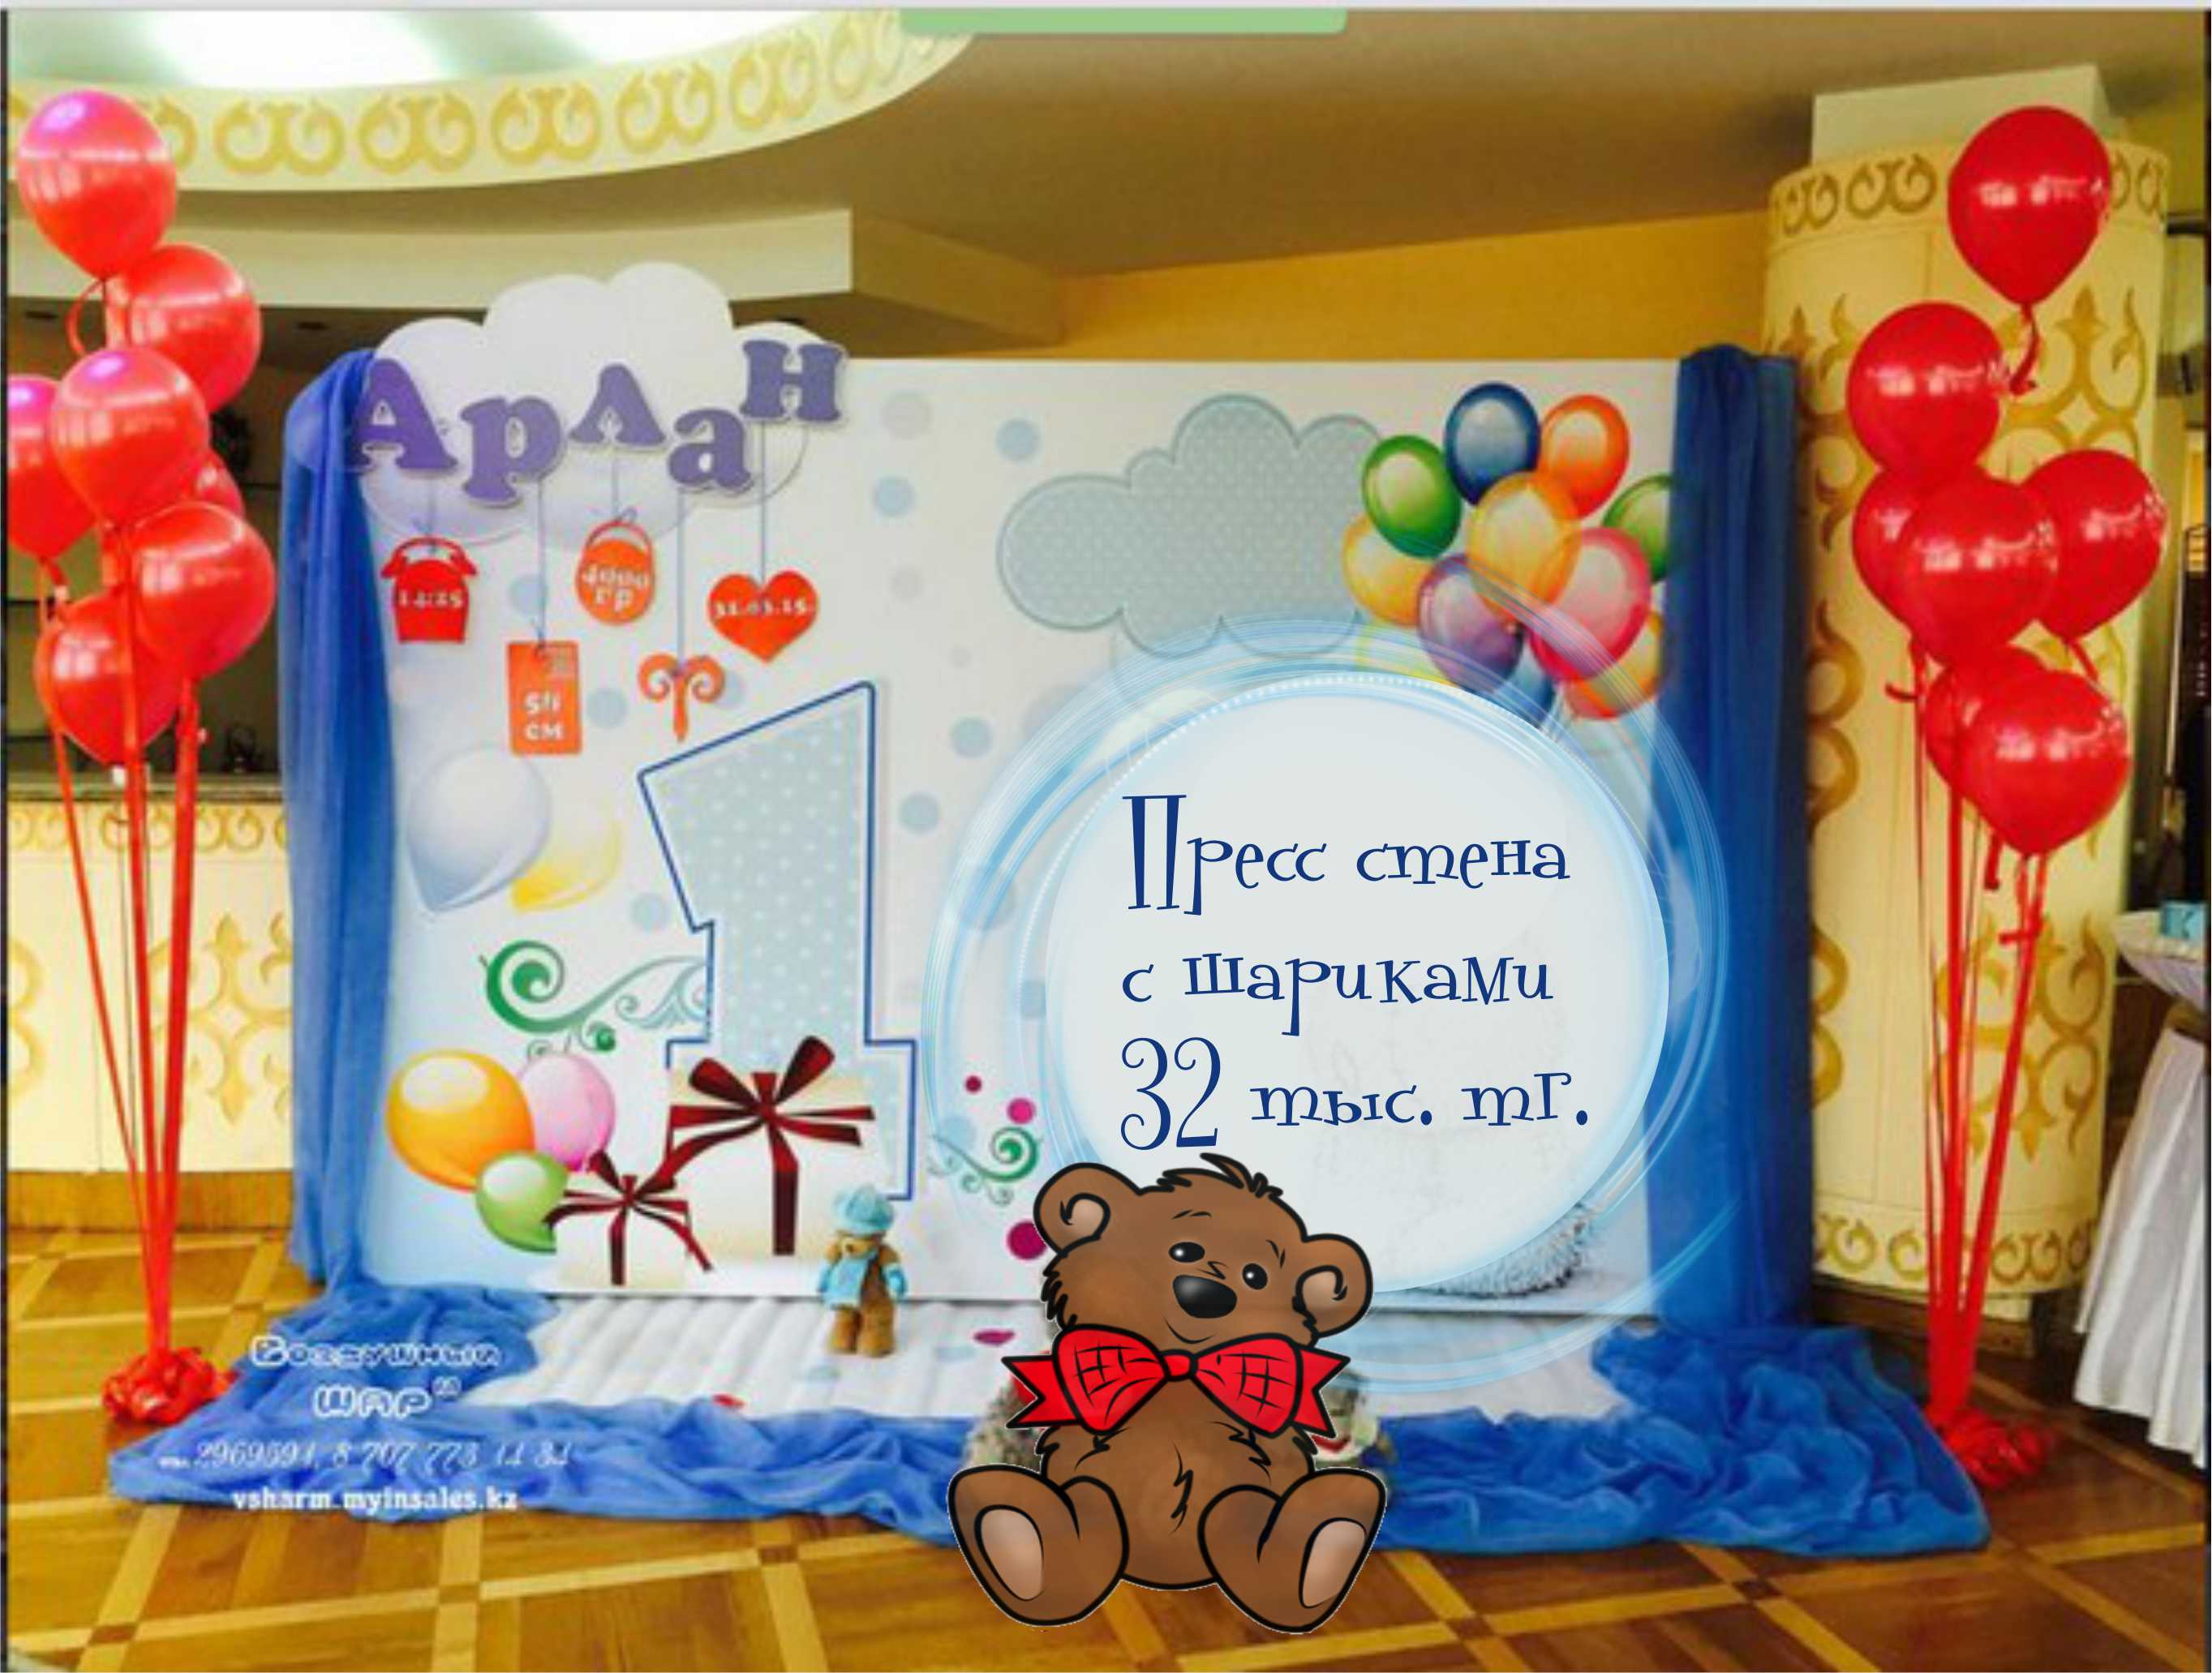 Пресс_стена_Алматы_2018.jpg